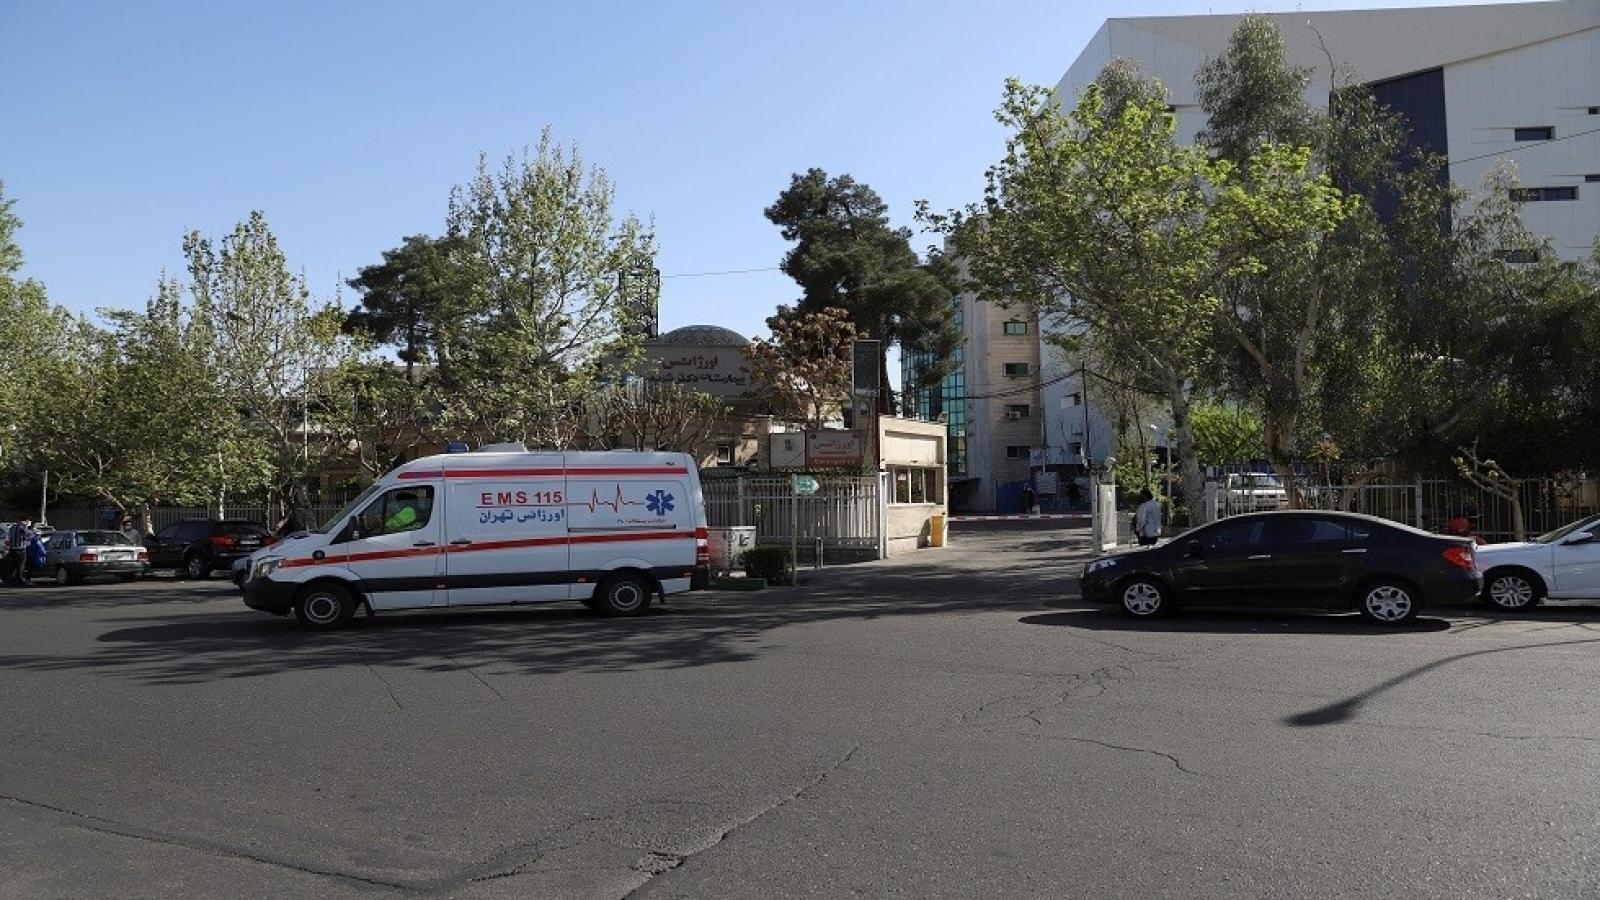 Rơi từ tòa nhà cao tầng, một nhà ngoại giao Thụy Sỹ ở Iran tử vong